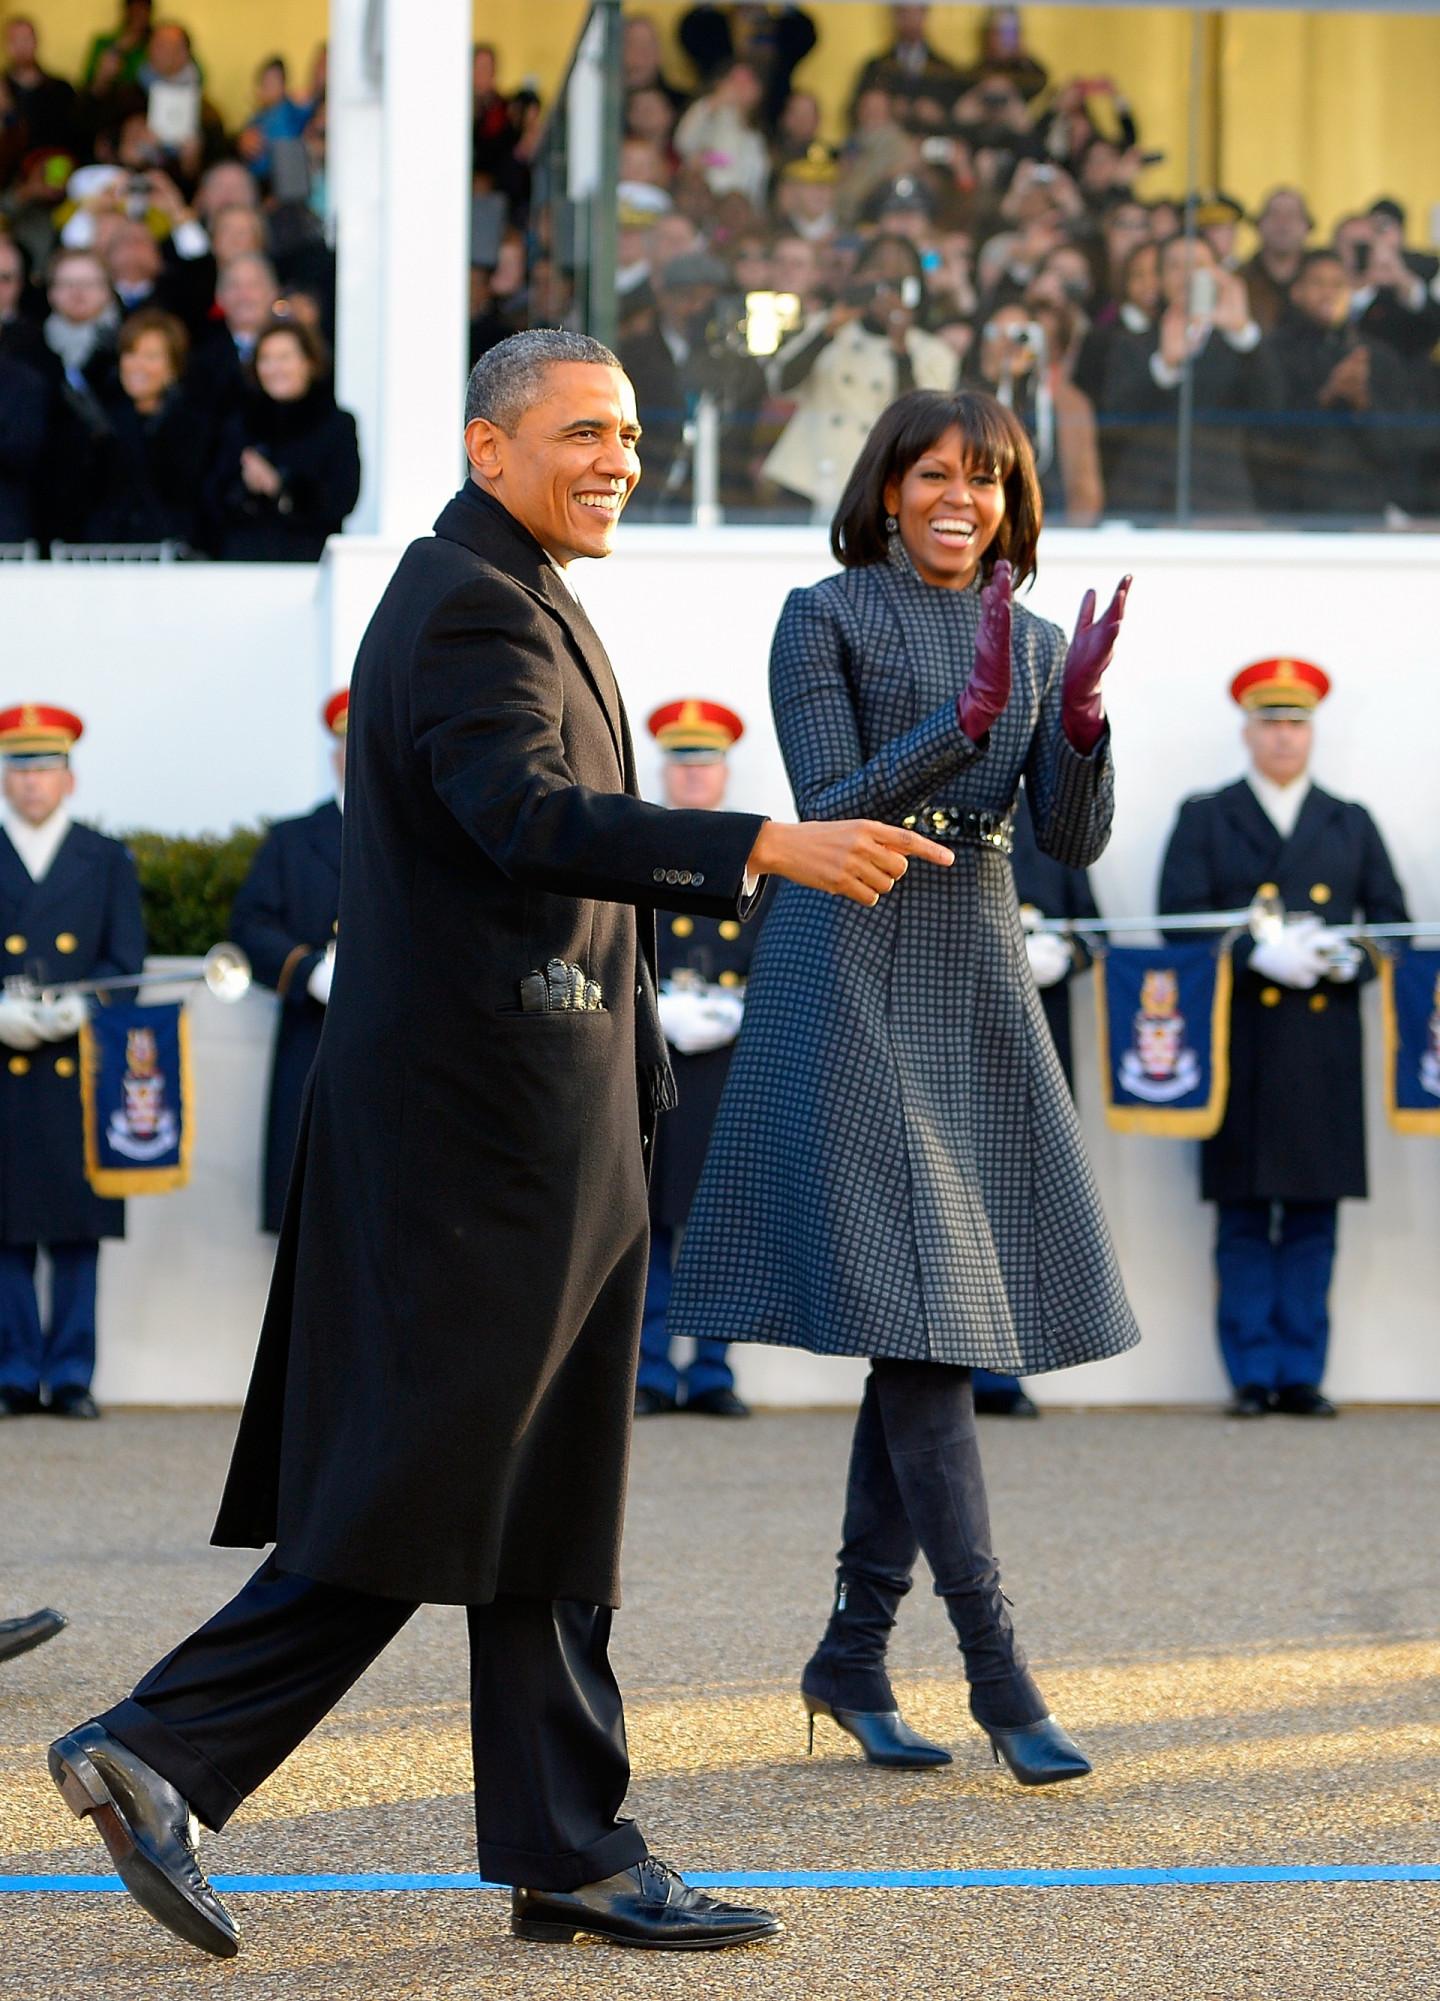 Барак Обама в пальто Brooks Brothers и Мишель Обама в пальто Thom Browne, сапогах Reed Krakoff и поясе J. Crew,инаугурационный парад, 2013 год